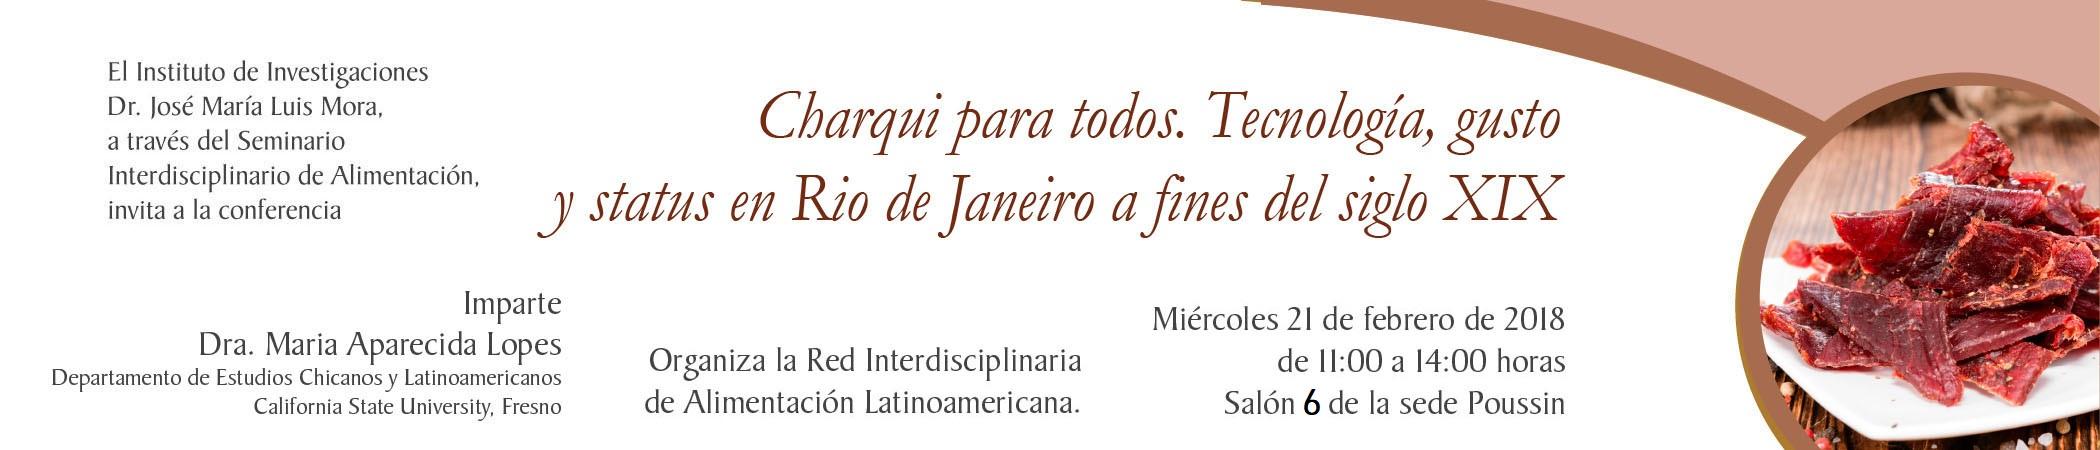 Conferencia Charqui para todos. Tecnología, gusto y status en Rio de Janeiro a fines del siglo XIX